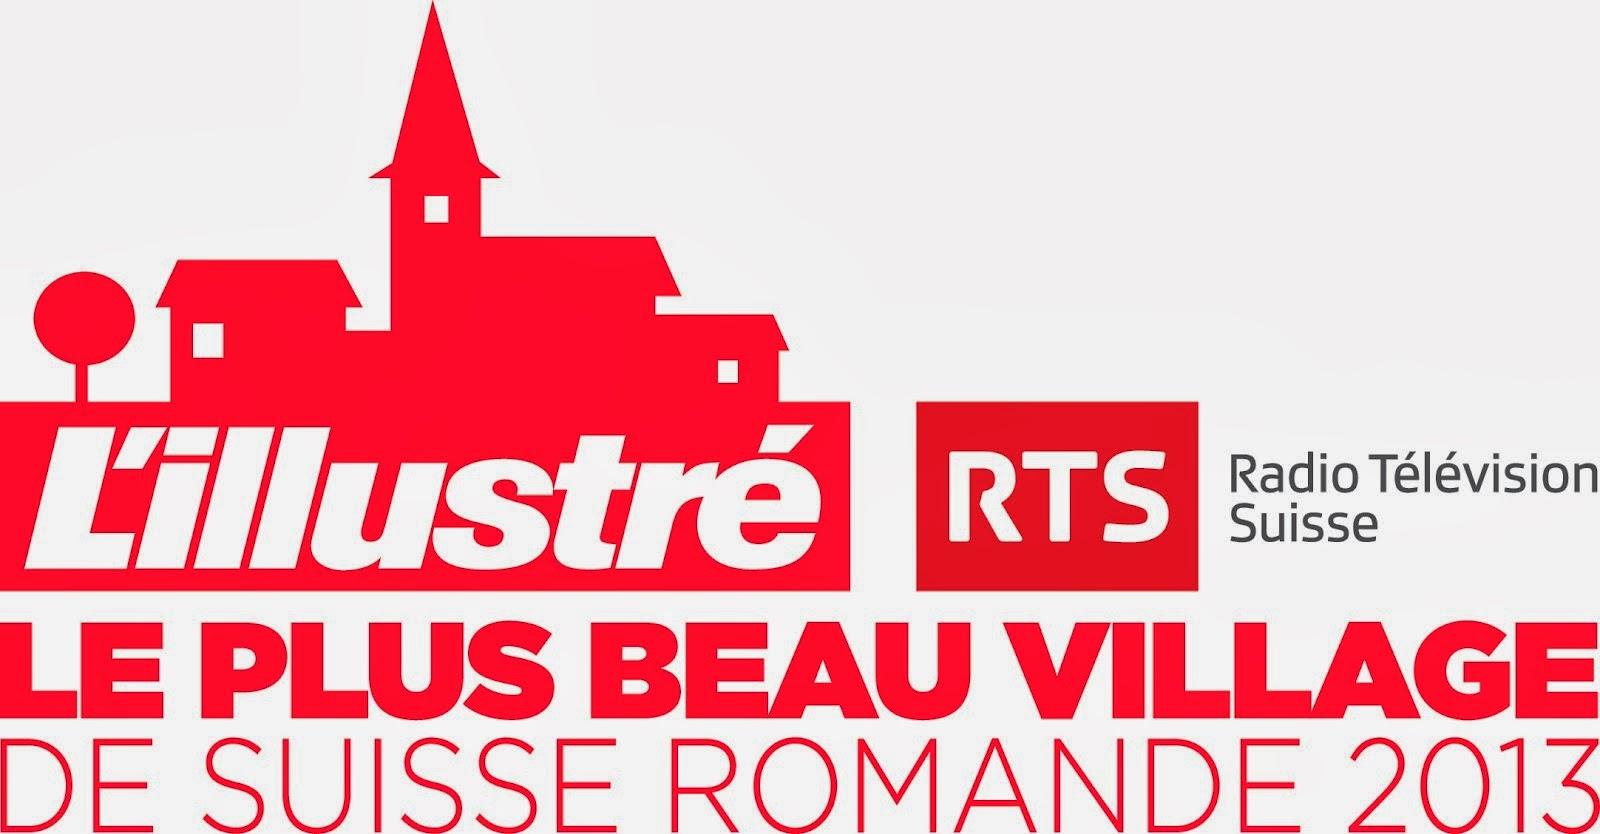 Plus beau village de Suisse Romande 2013